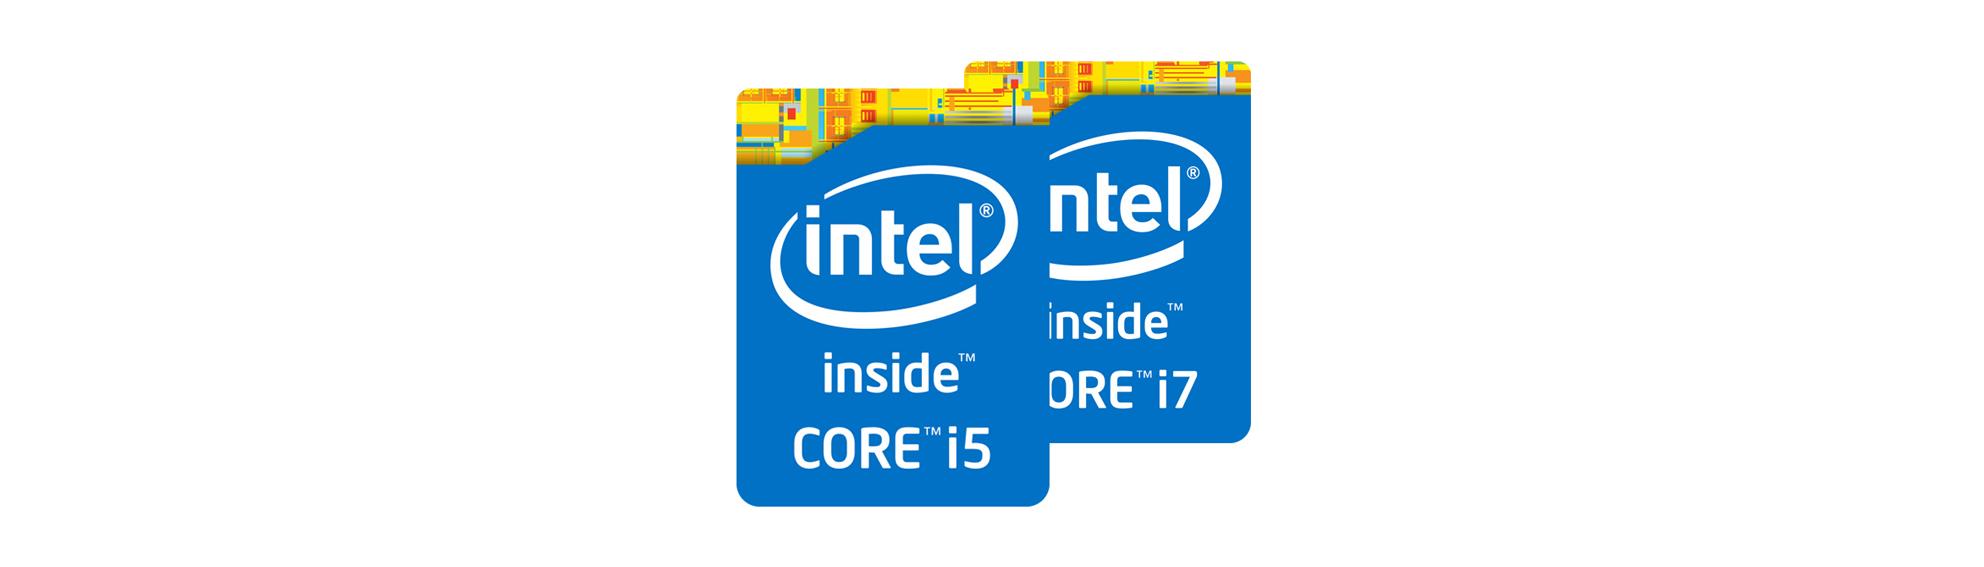 Intel i5 & i7